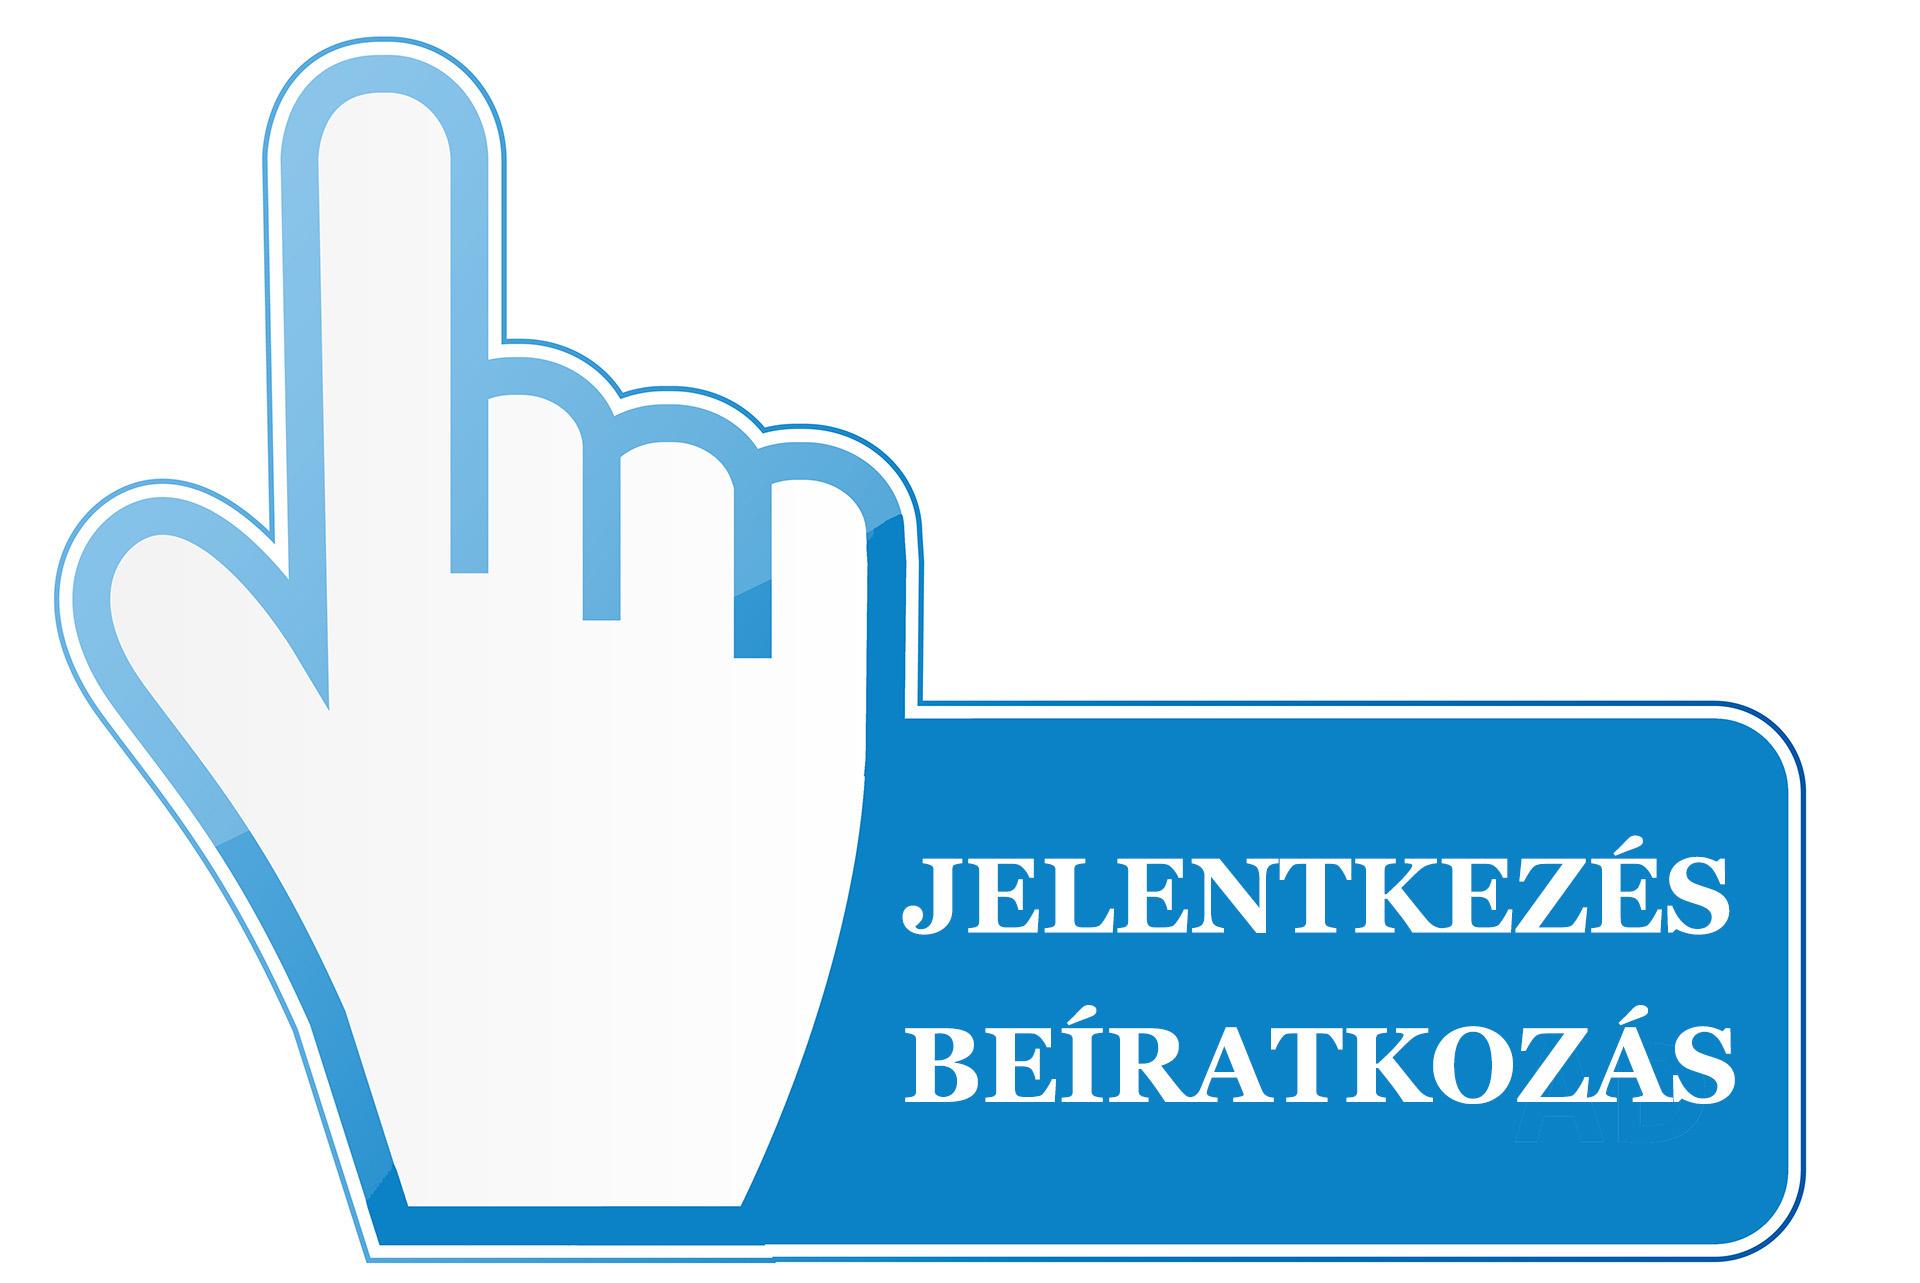 JELENTKEZÉS